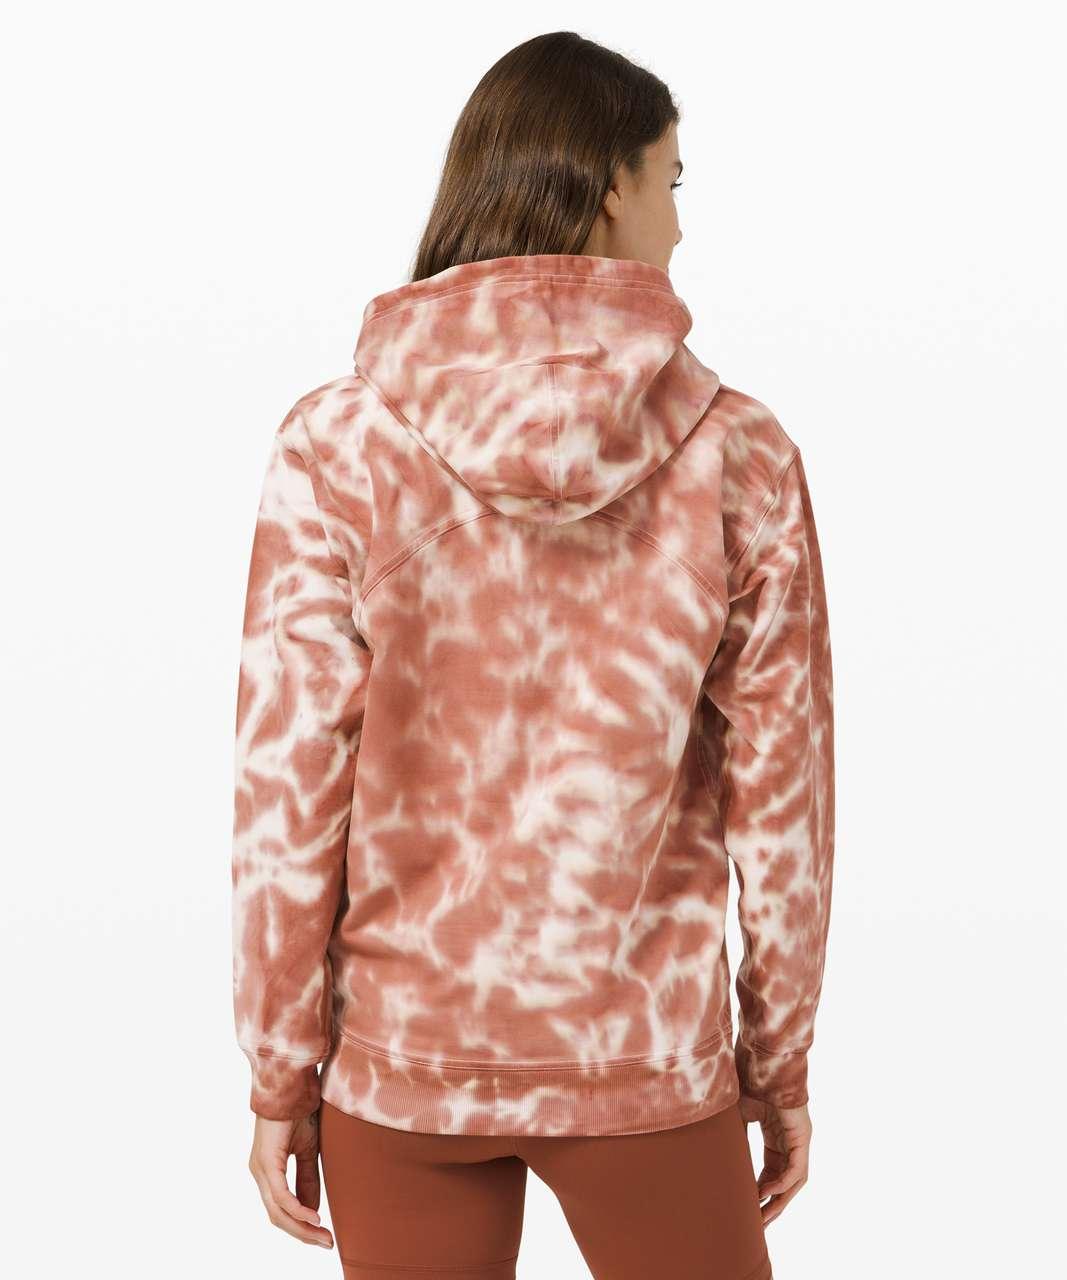 Lululemon All Yours Hoodie Tie Dye *Fleece - Marmoleado Tie Dye Ancient Copper